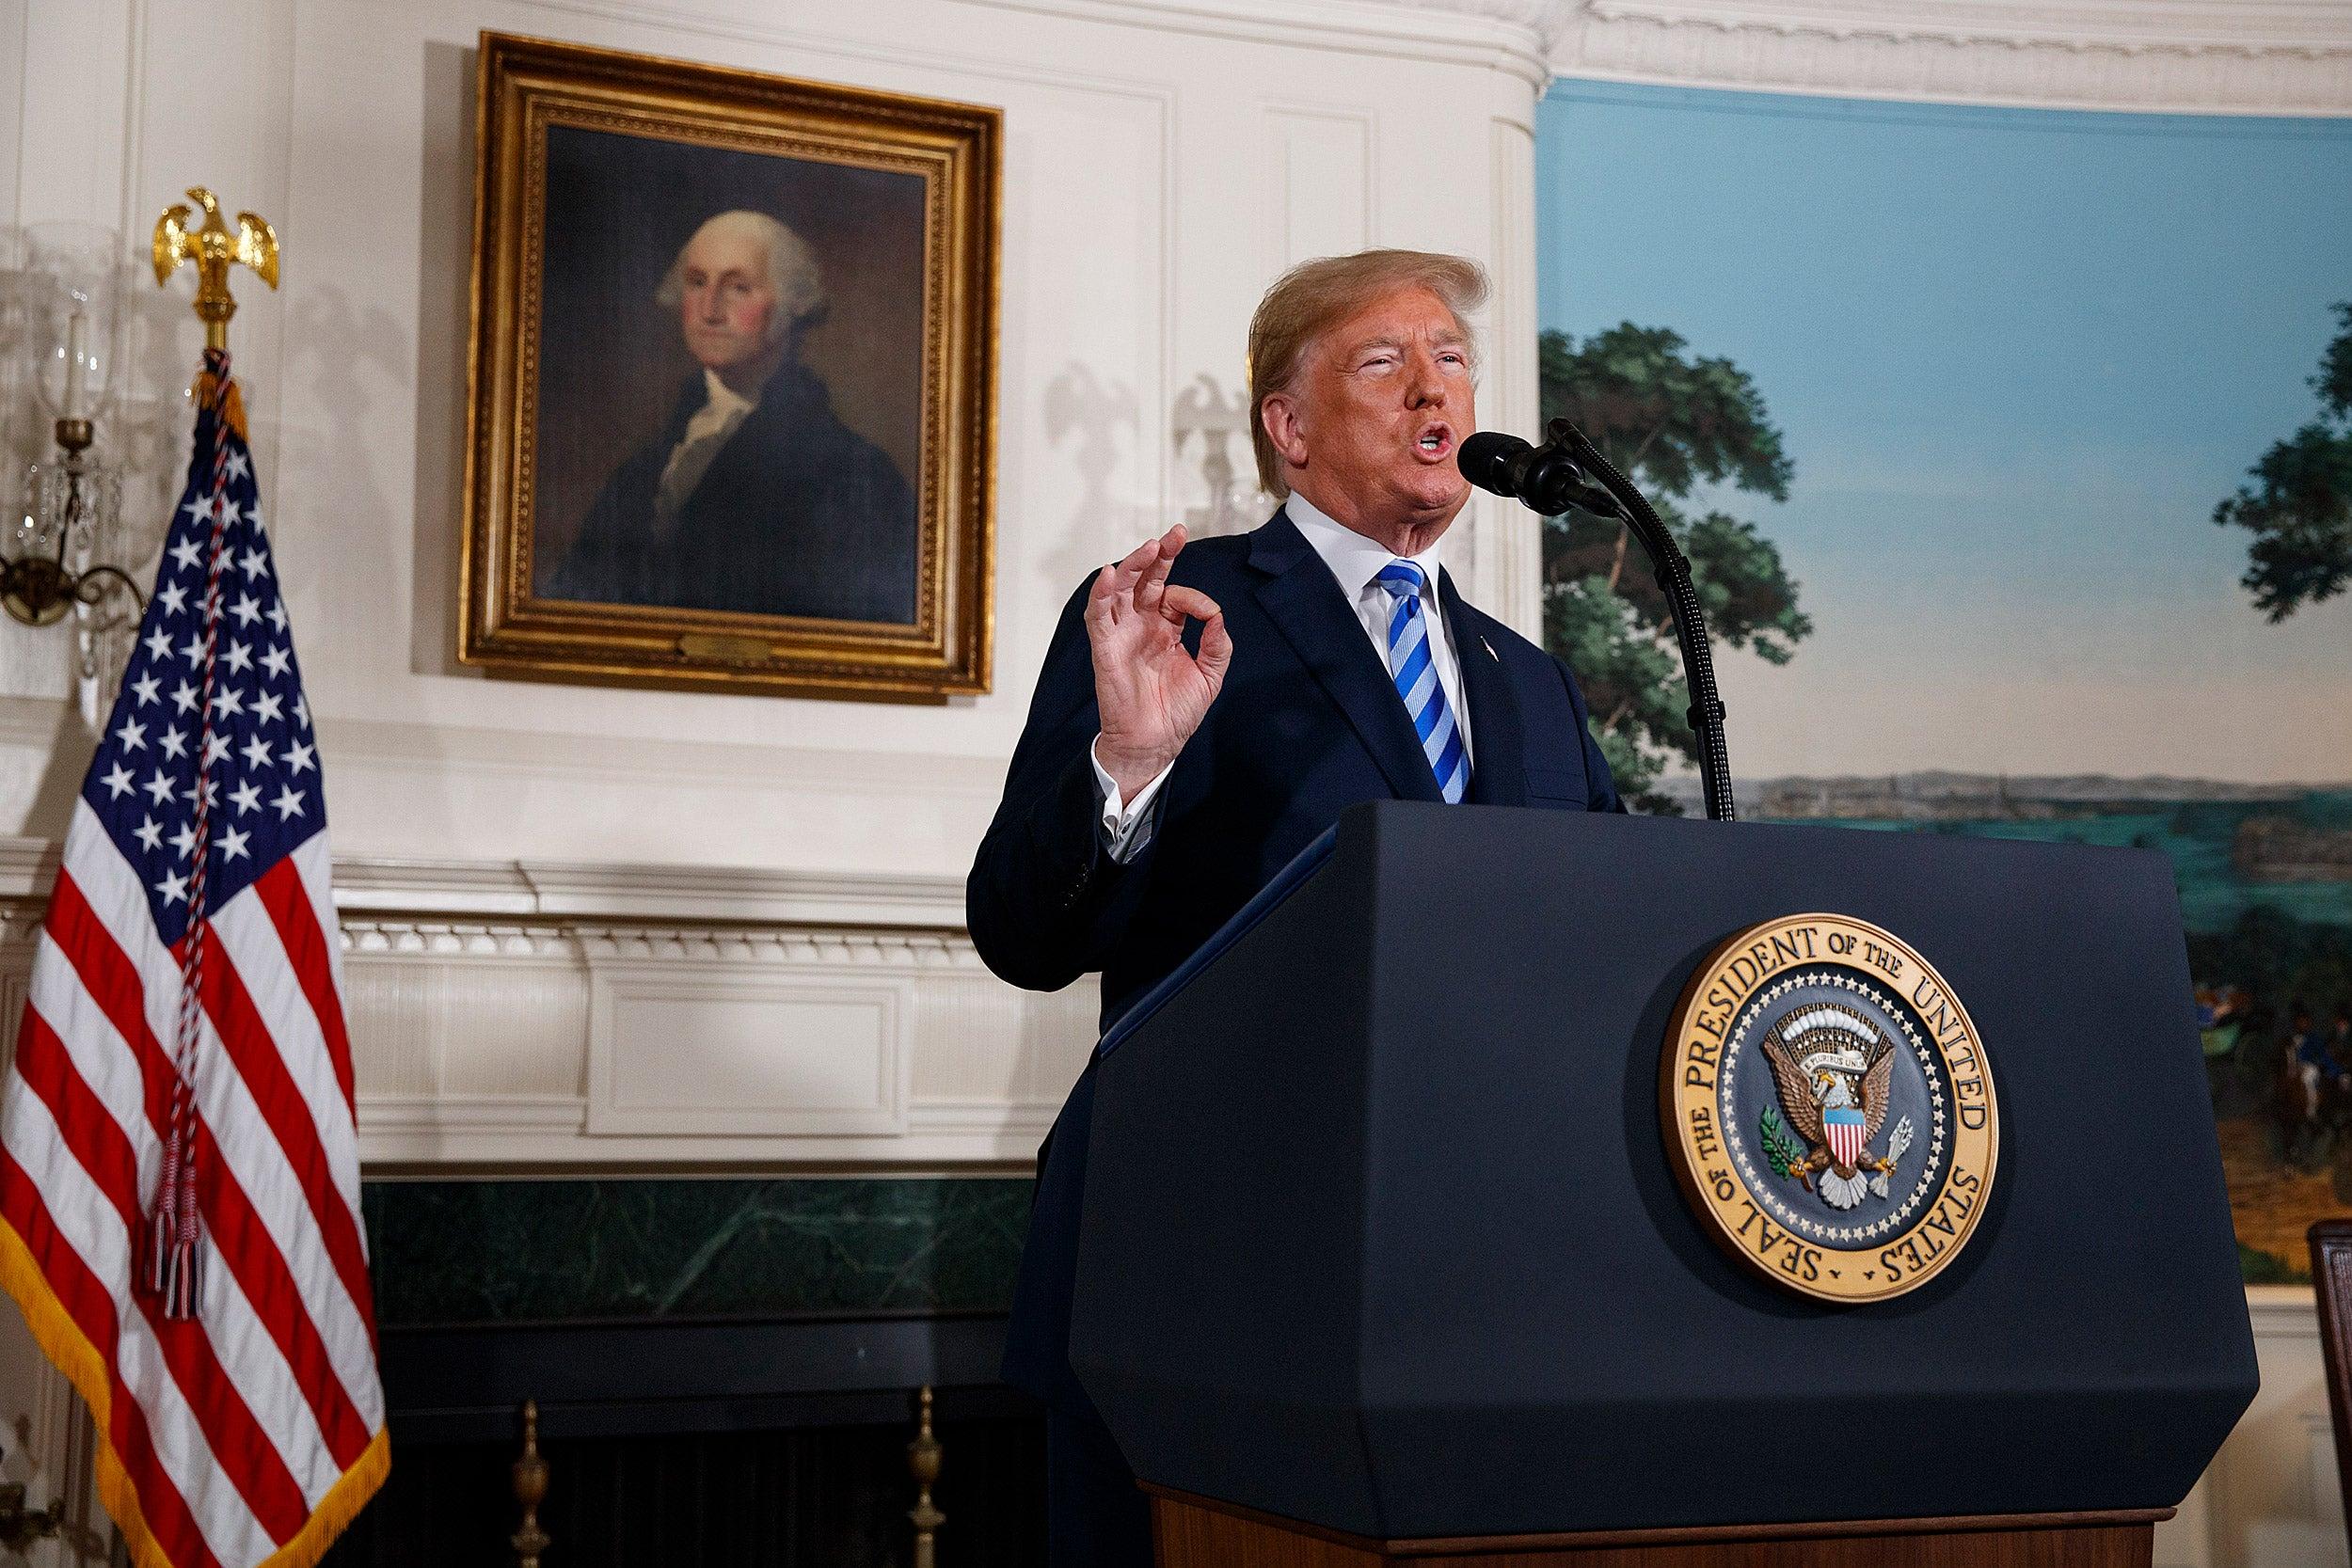 President Trump at podium.